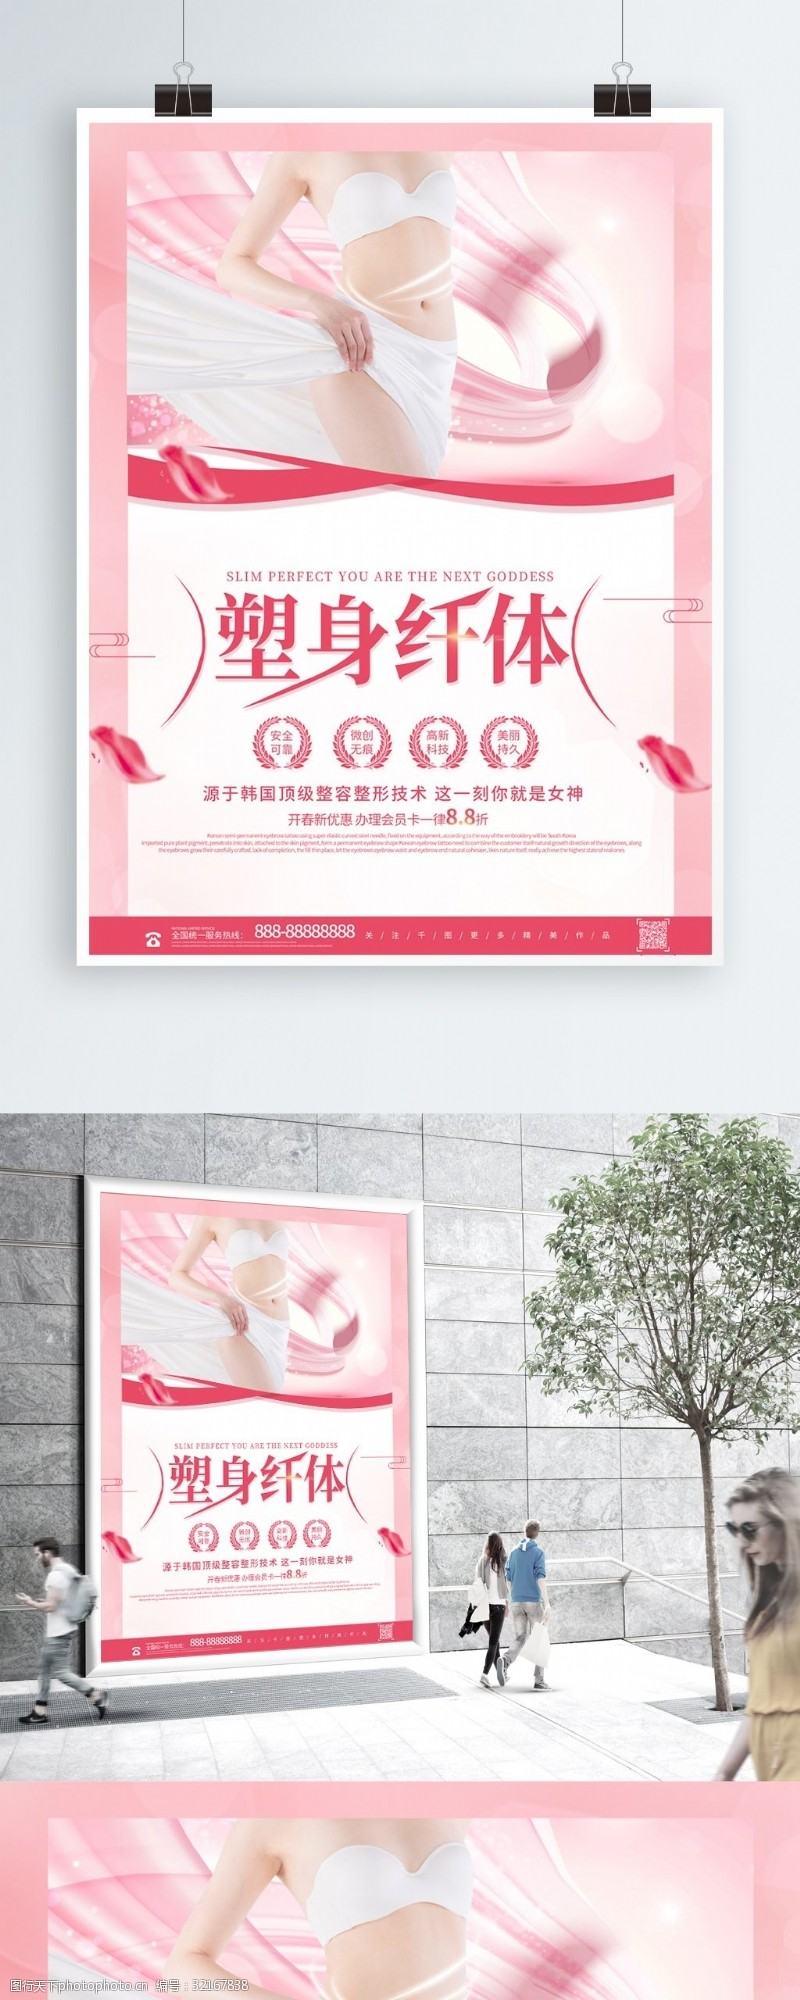 整形医疗唯美浪漫瘦身纤体整容整形海报